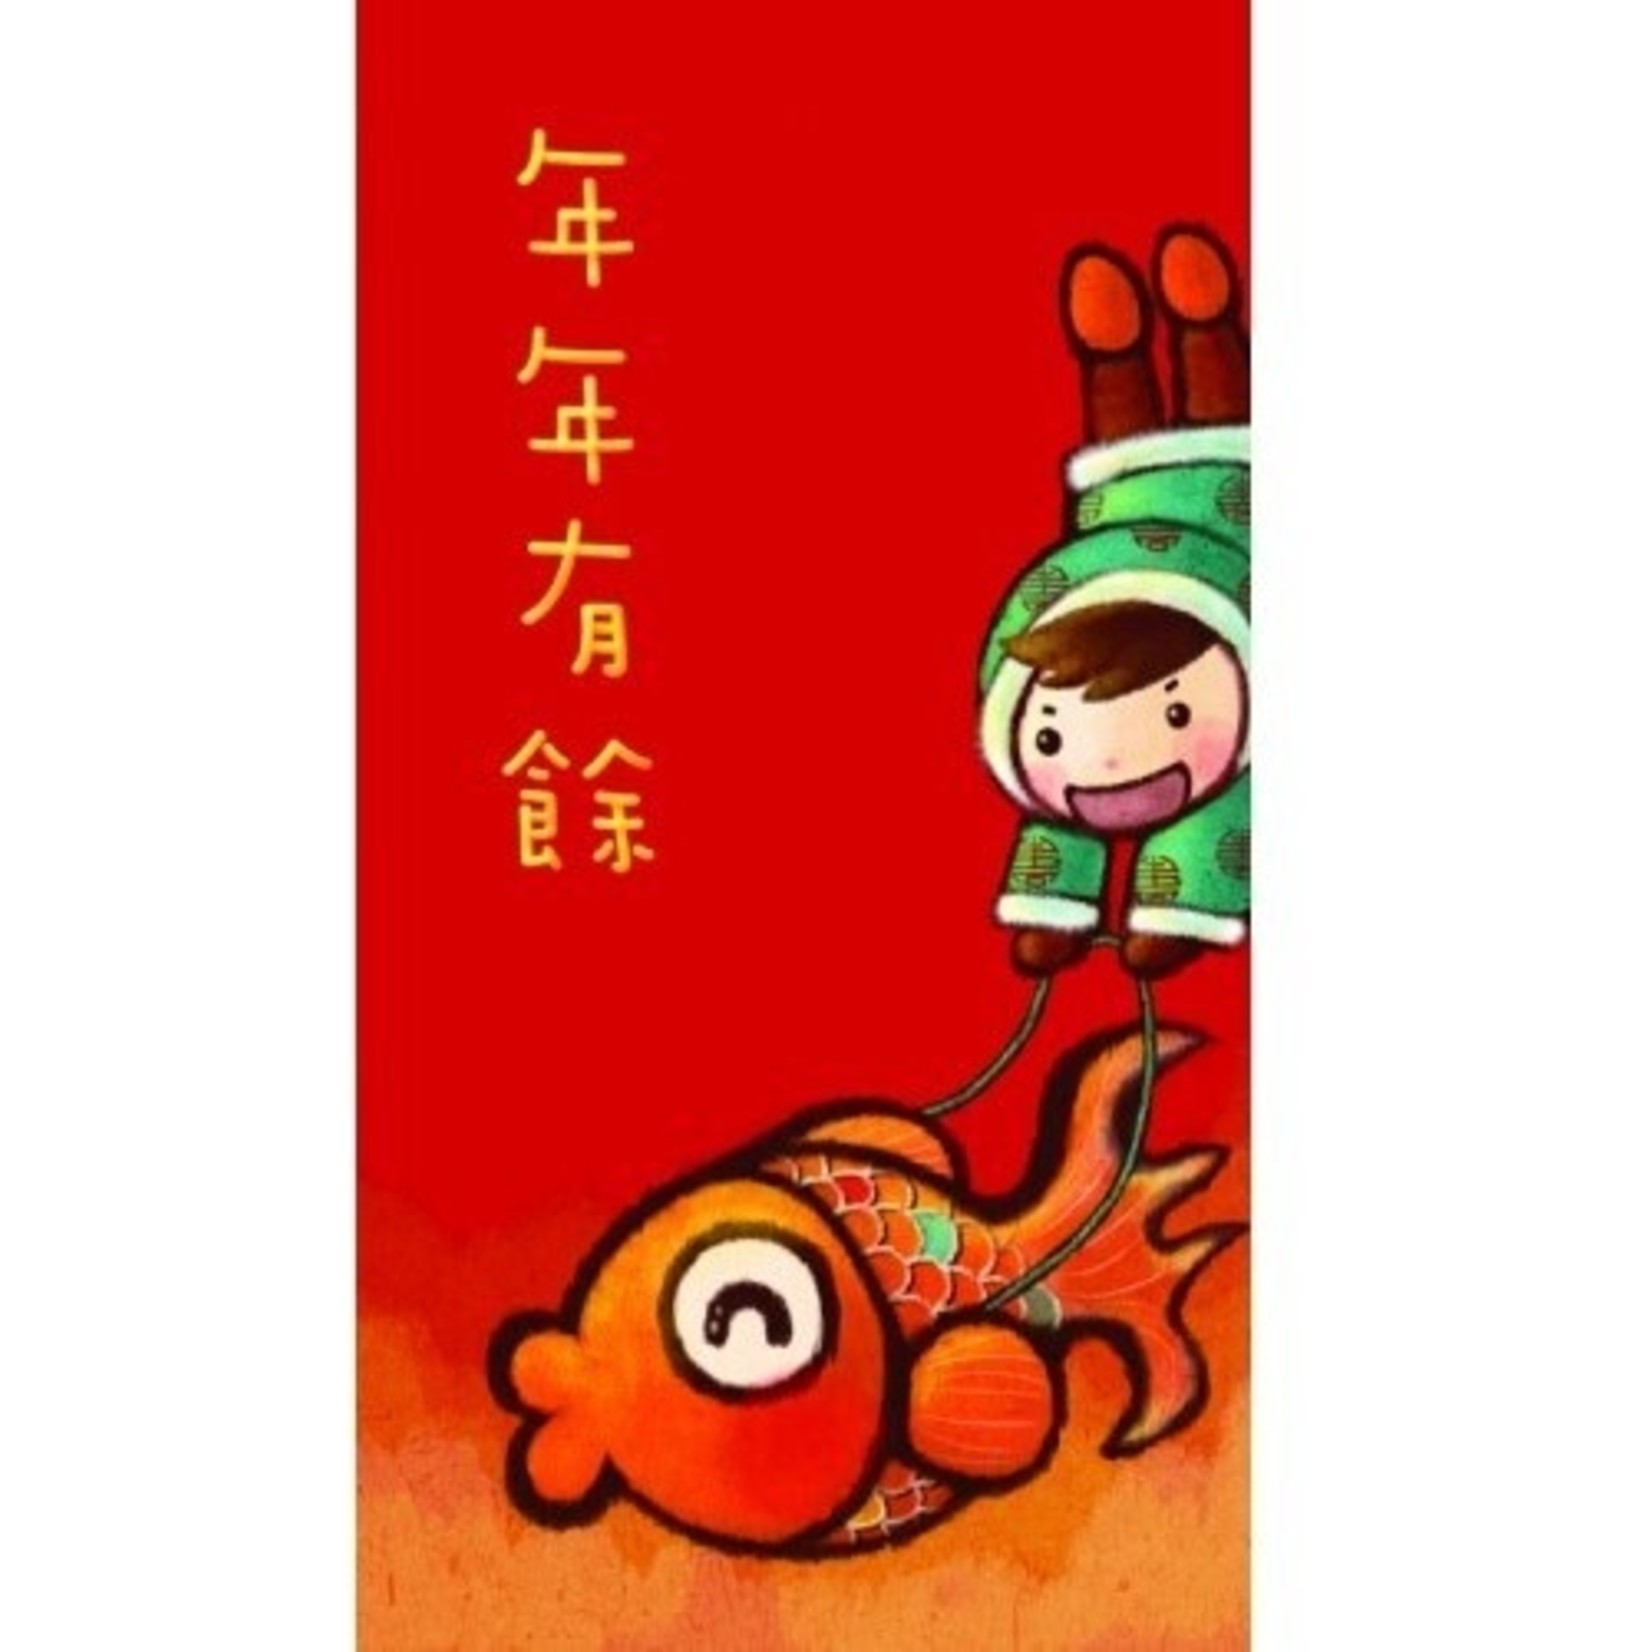 宣道 China Alliance Press 萬用利是封:年年有餘(長方形,每包20個)